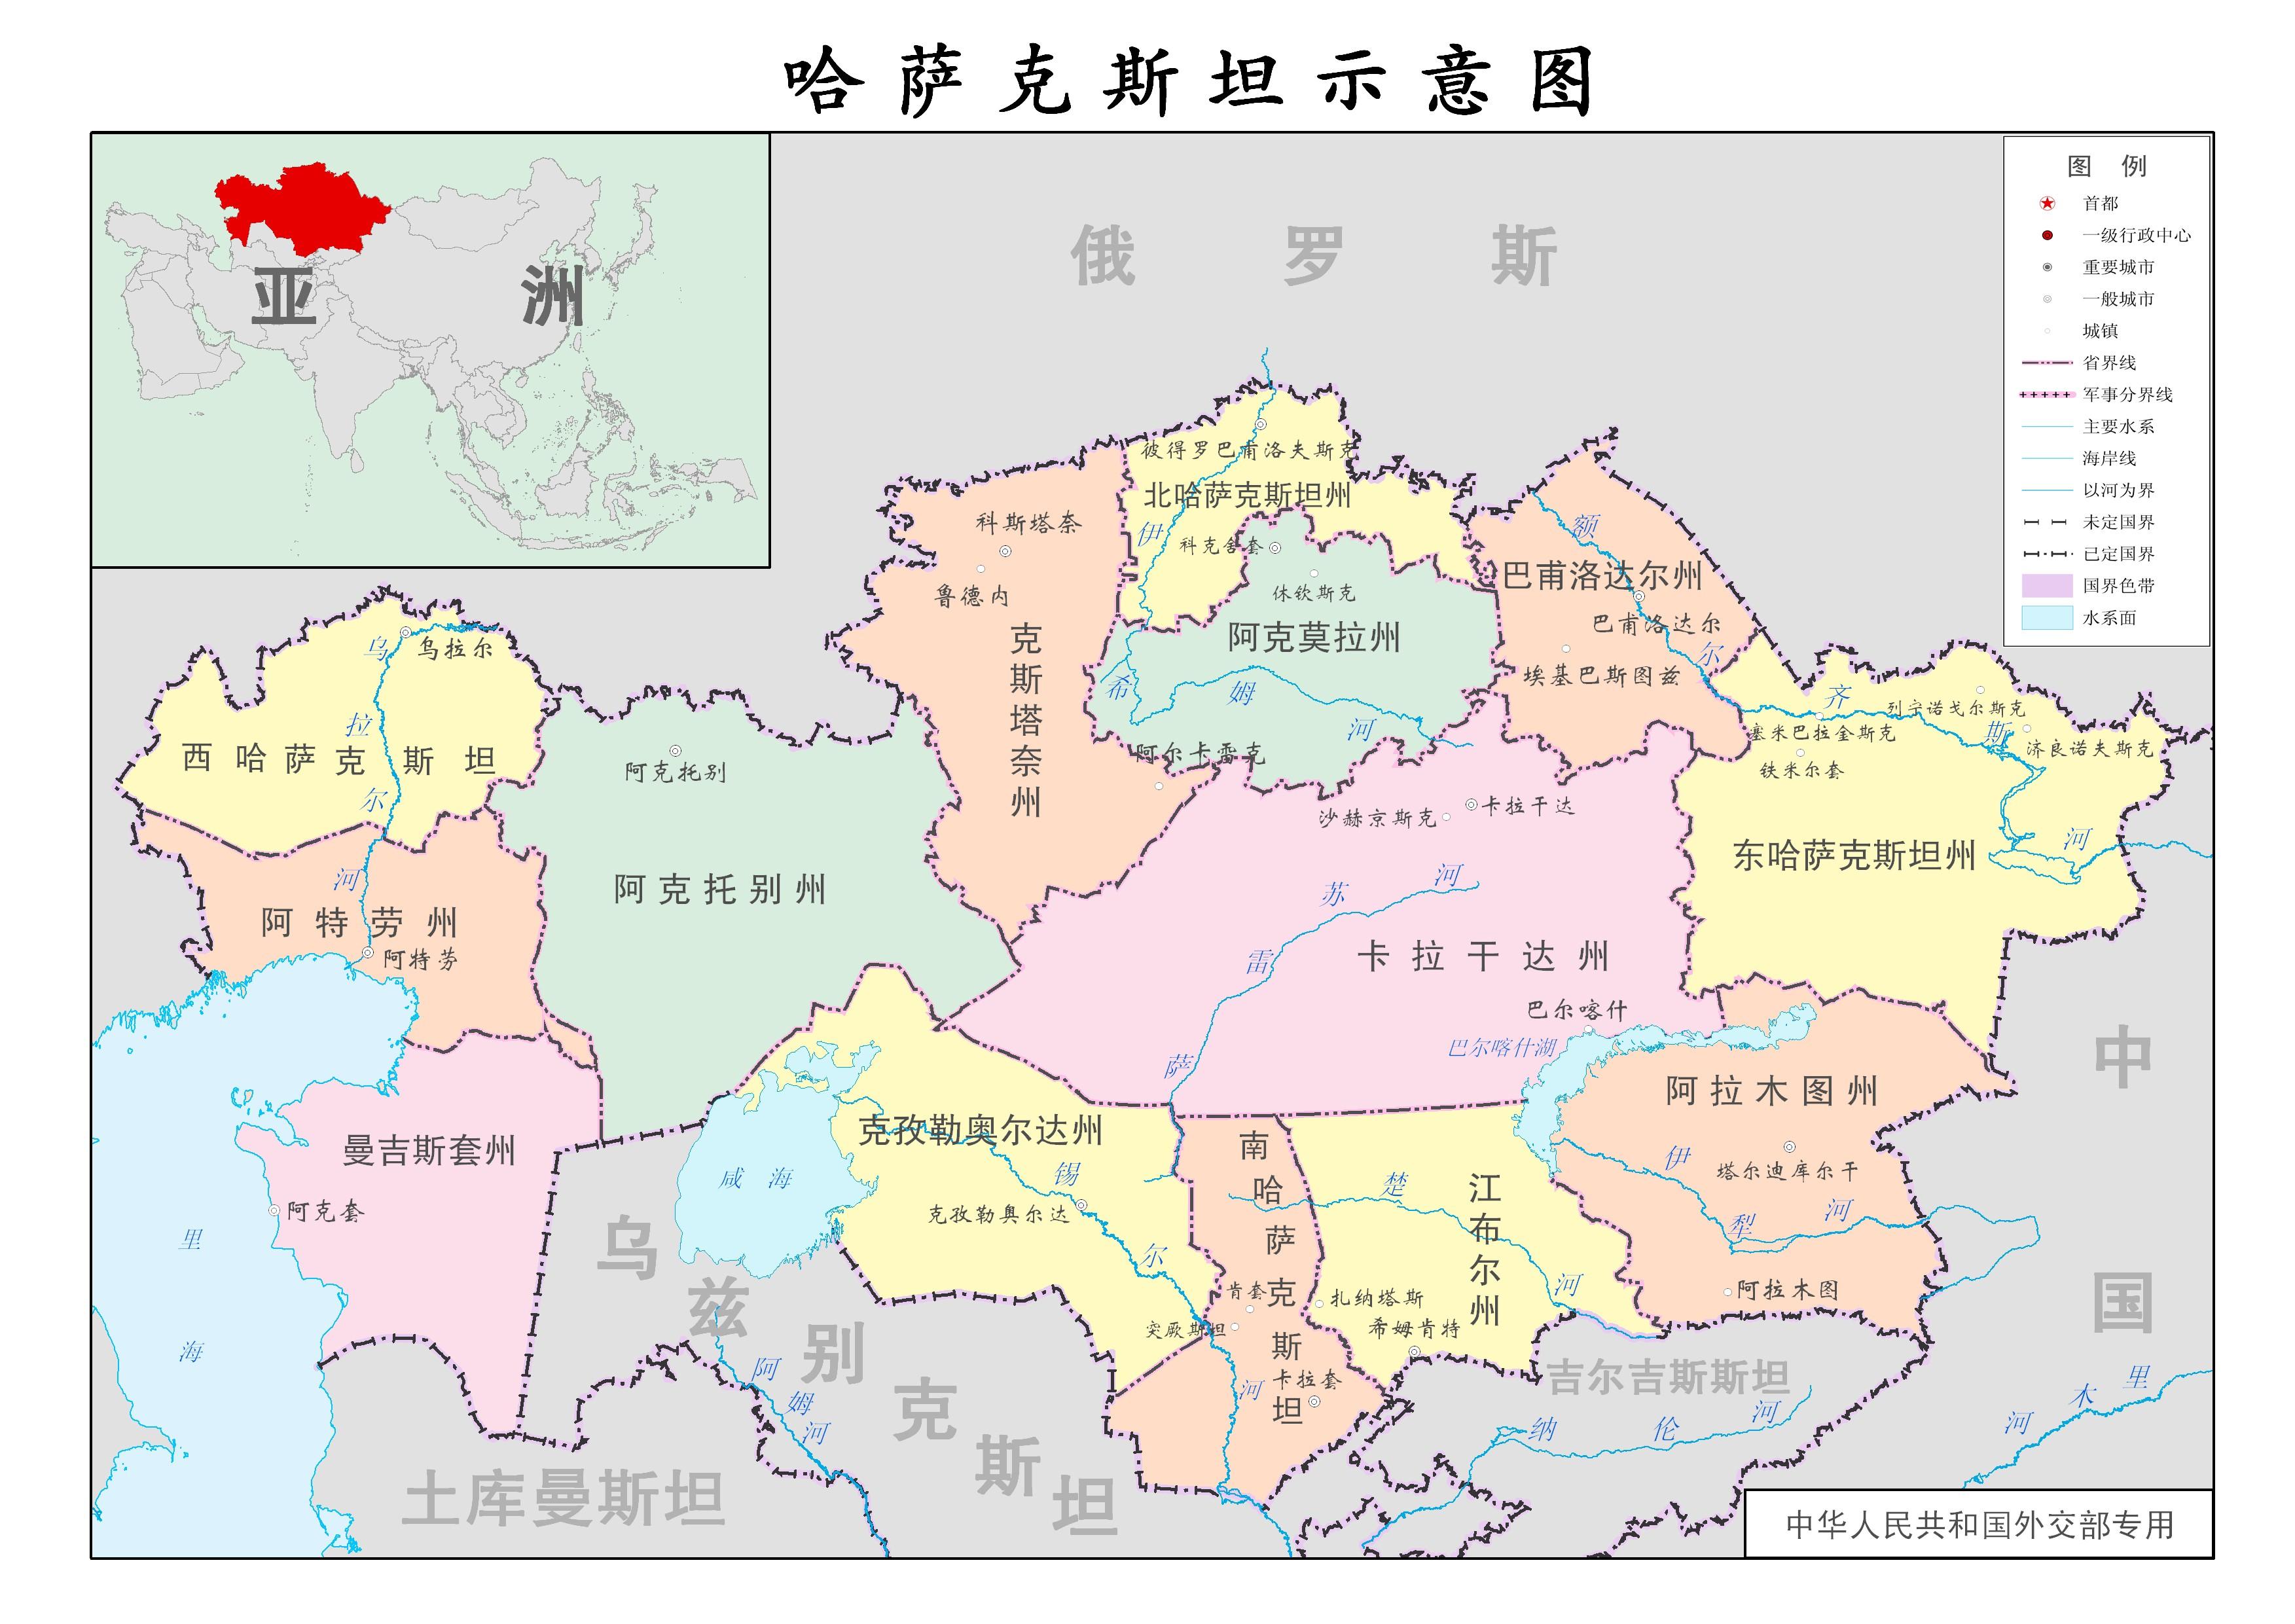 哈萨克斯坦人均gdp_2019年1月阿斯塔纳转机一日游